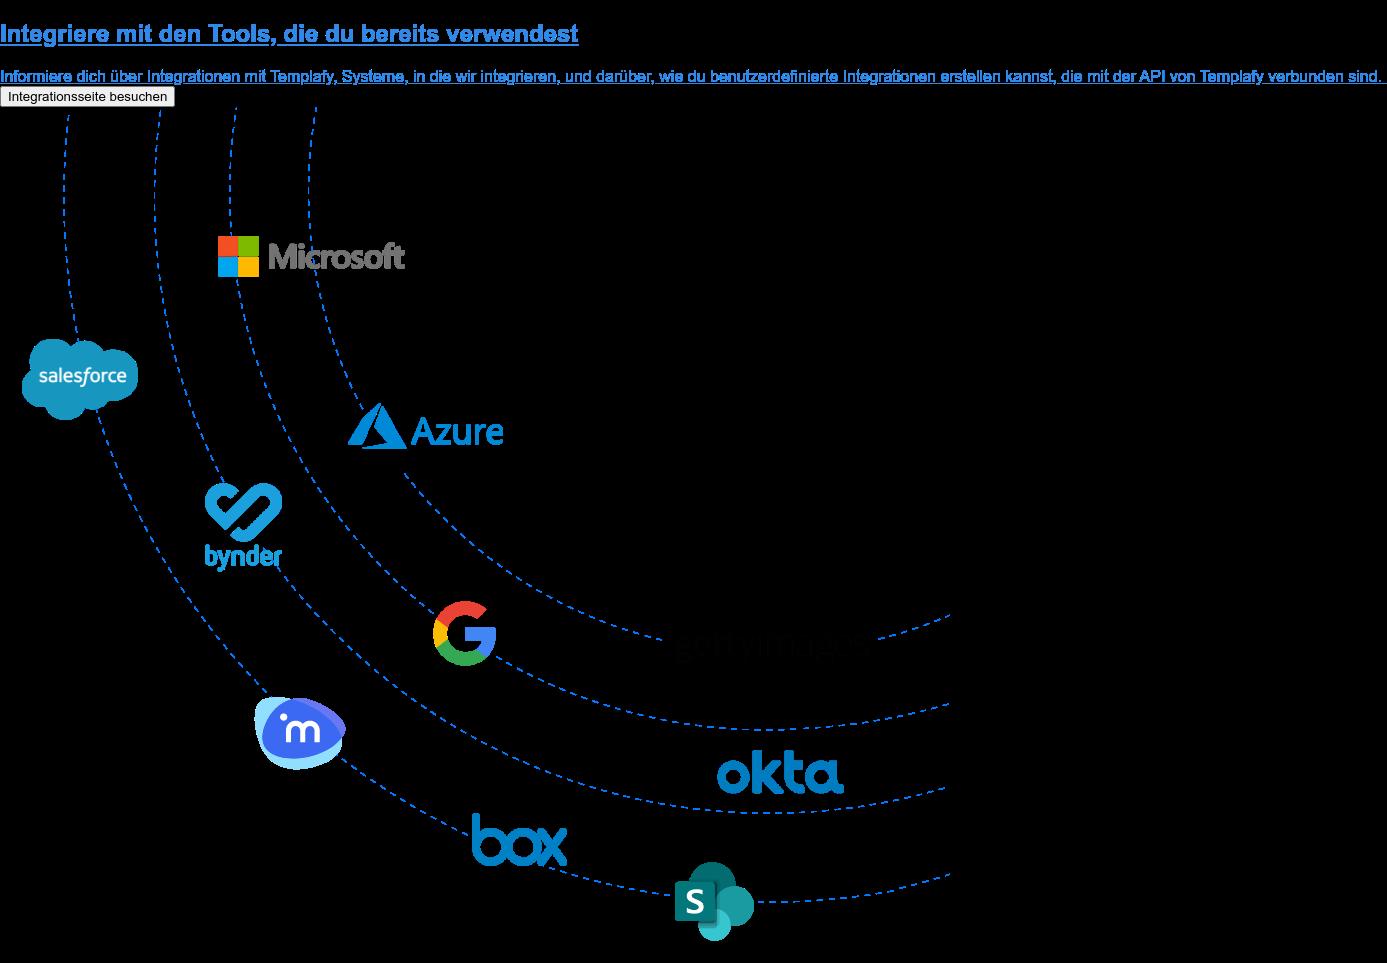 Integrieren Sie mit den Tools, die Sie bereits verwenden  Informieren Sie sich über Integrationen mit Templafy, Systeme, in die wir  integrieren, und darüber, wie Sie benutzerdefinierte Integrationen erstellen  können, die mit der API von Templafy verbunden sind.  Integrationsseite besuchen